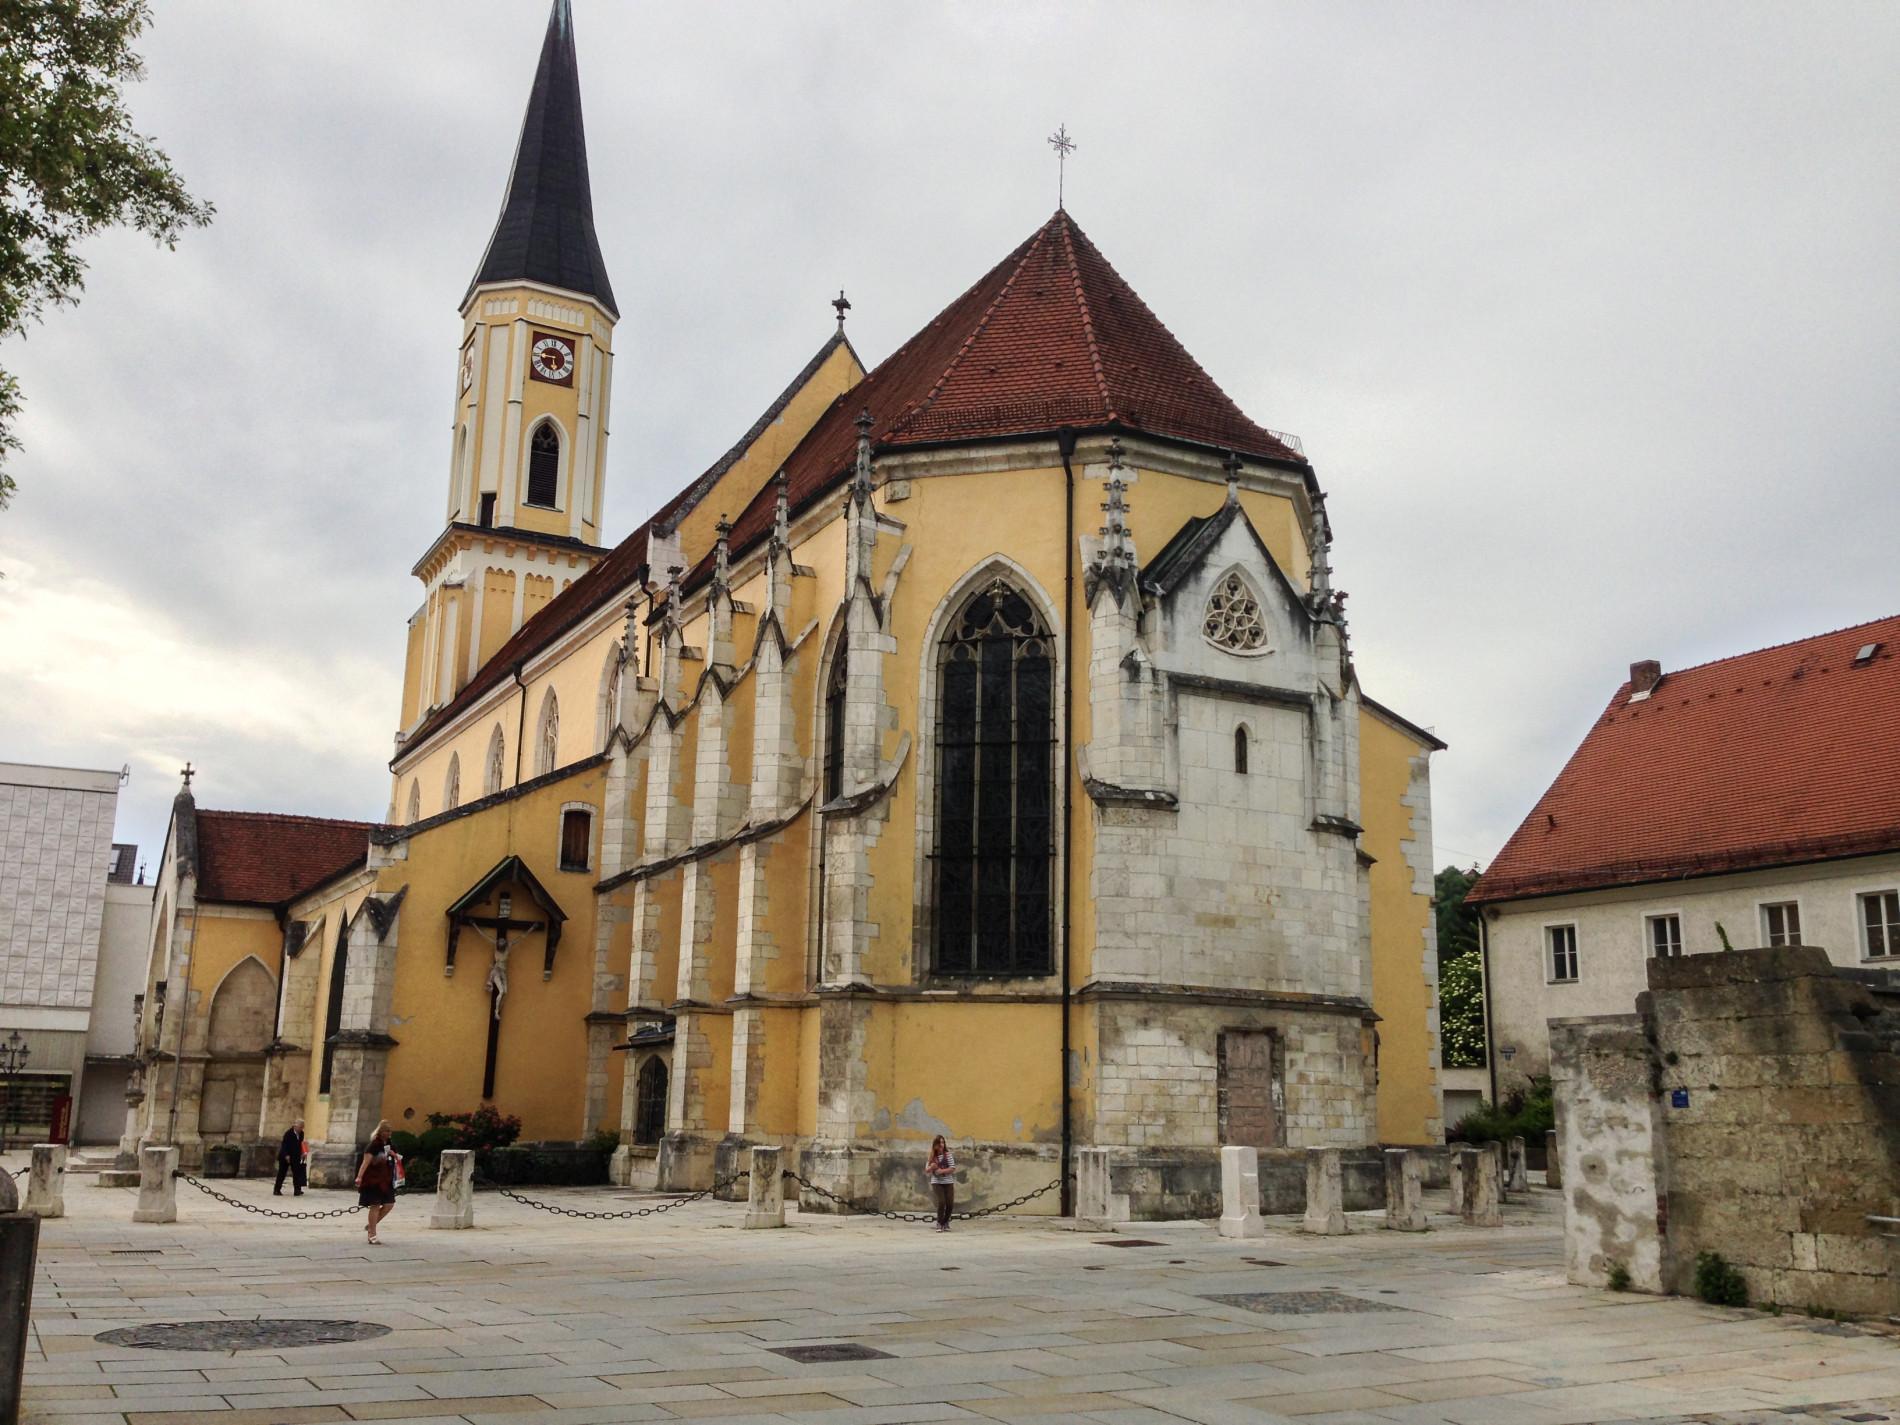 Kelheim Stadtpfarrkirche Maria Himmelfahrt